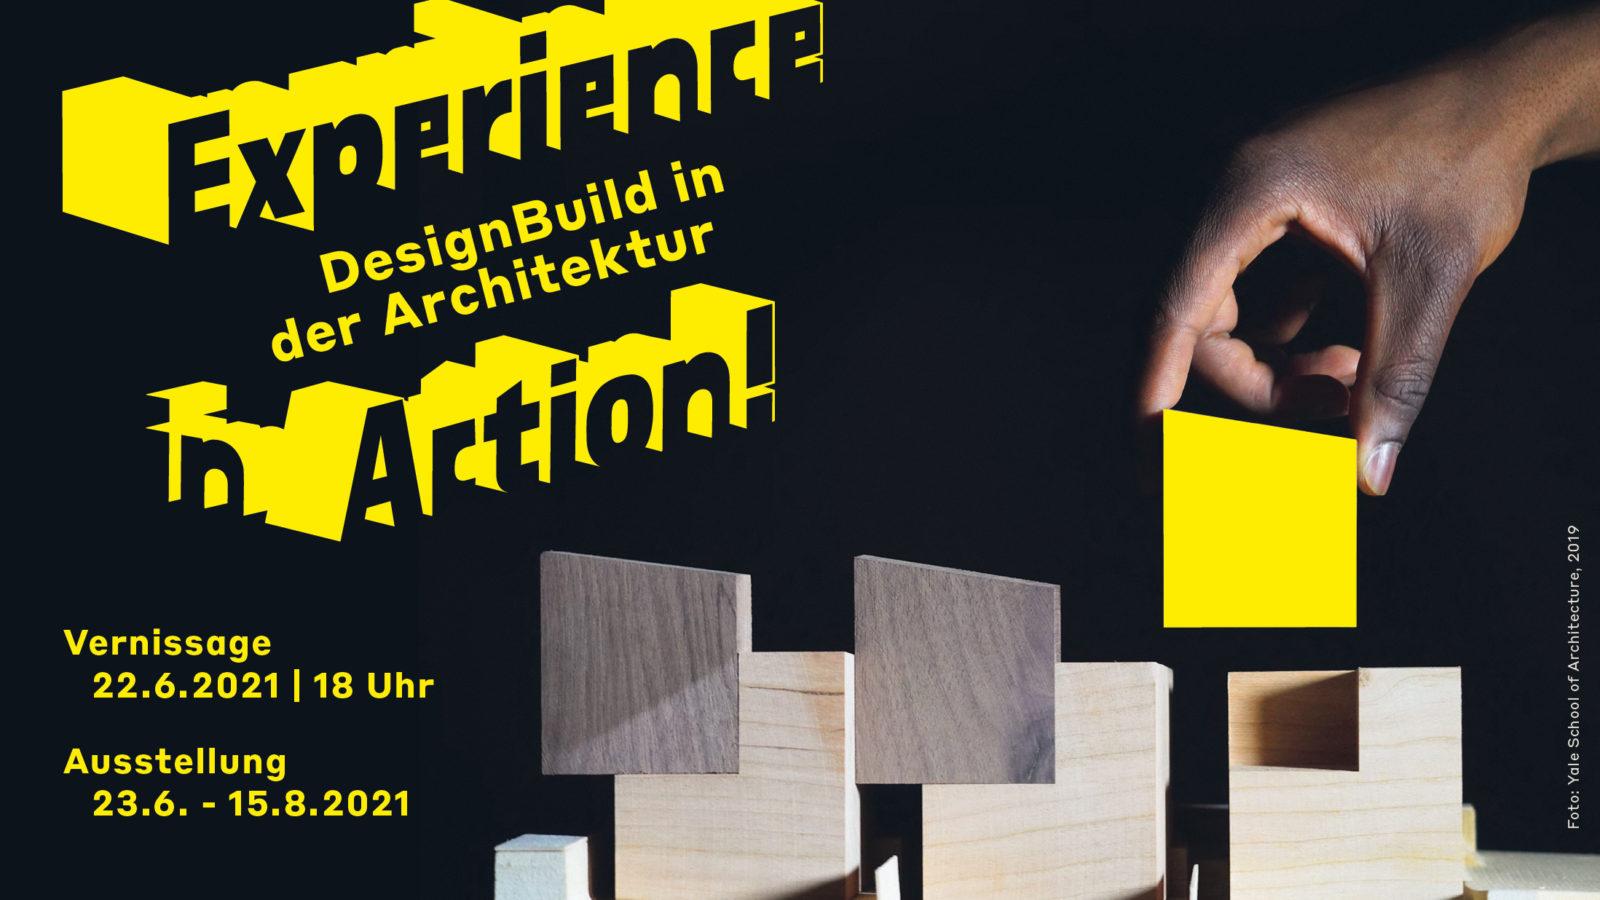 Experience in Action! DesignBuild in der Architektur -  Ausstellung im AIT-ArchitekturSalon Hamburg